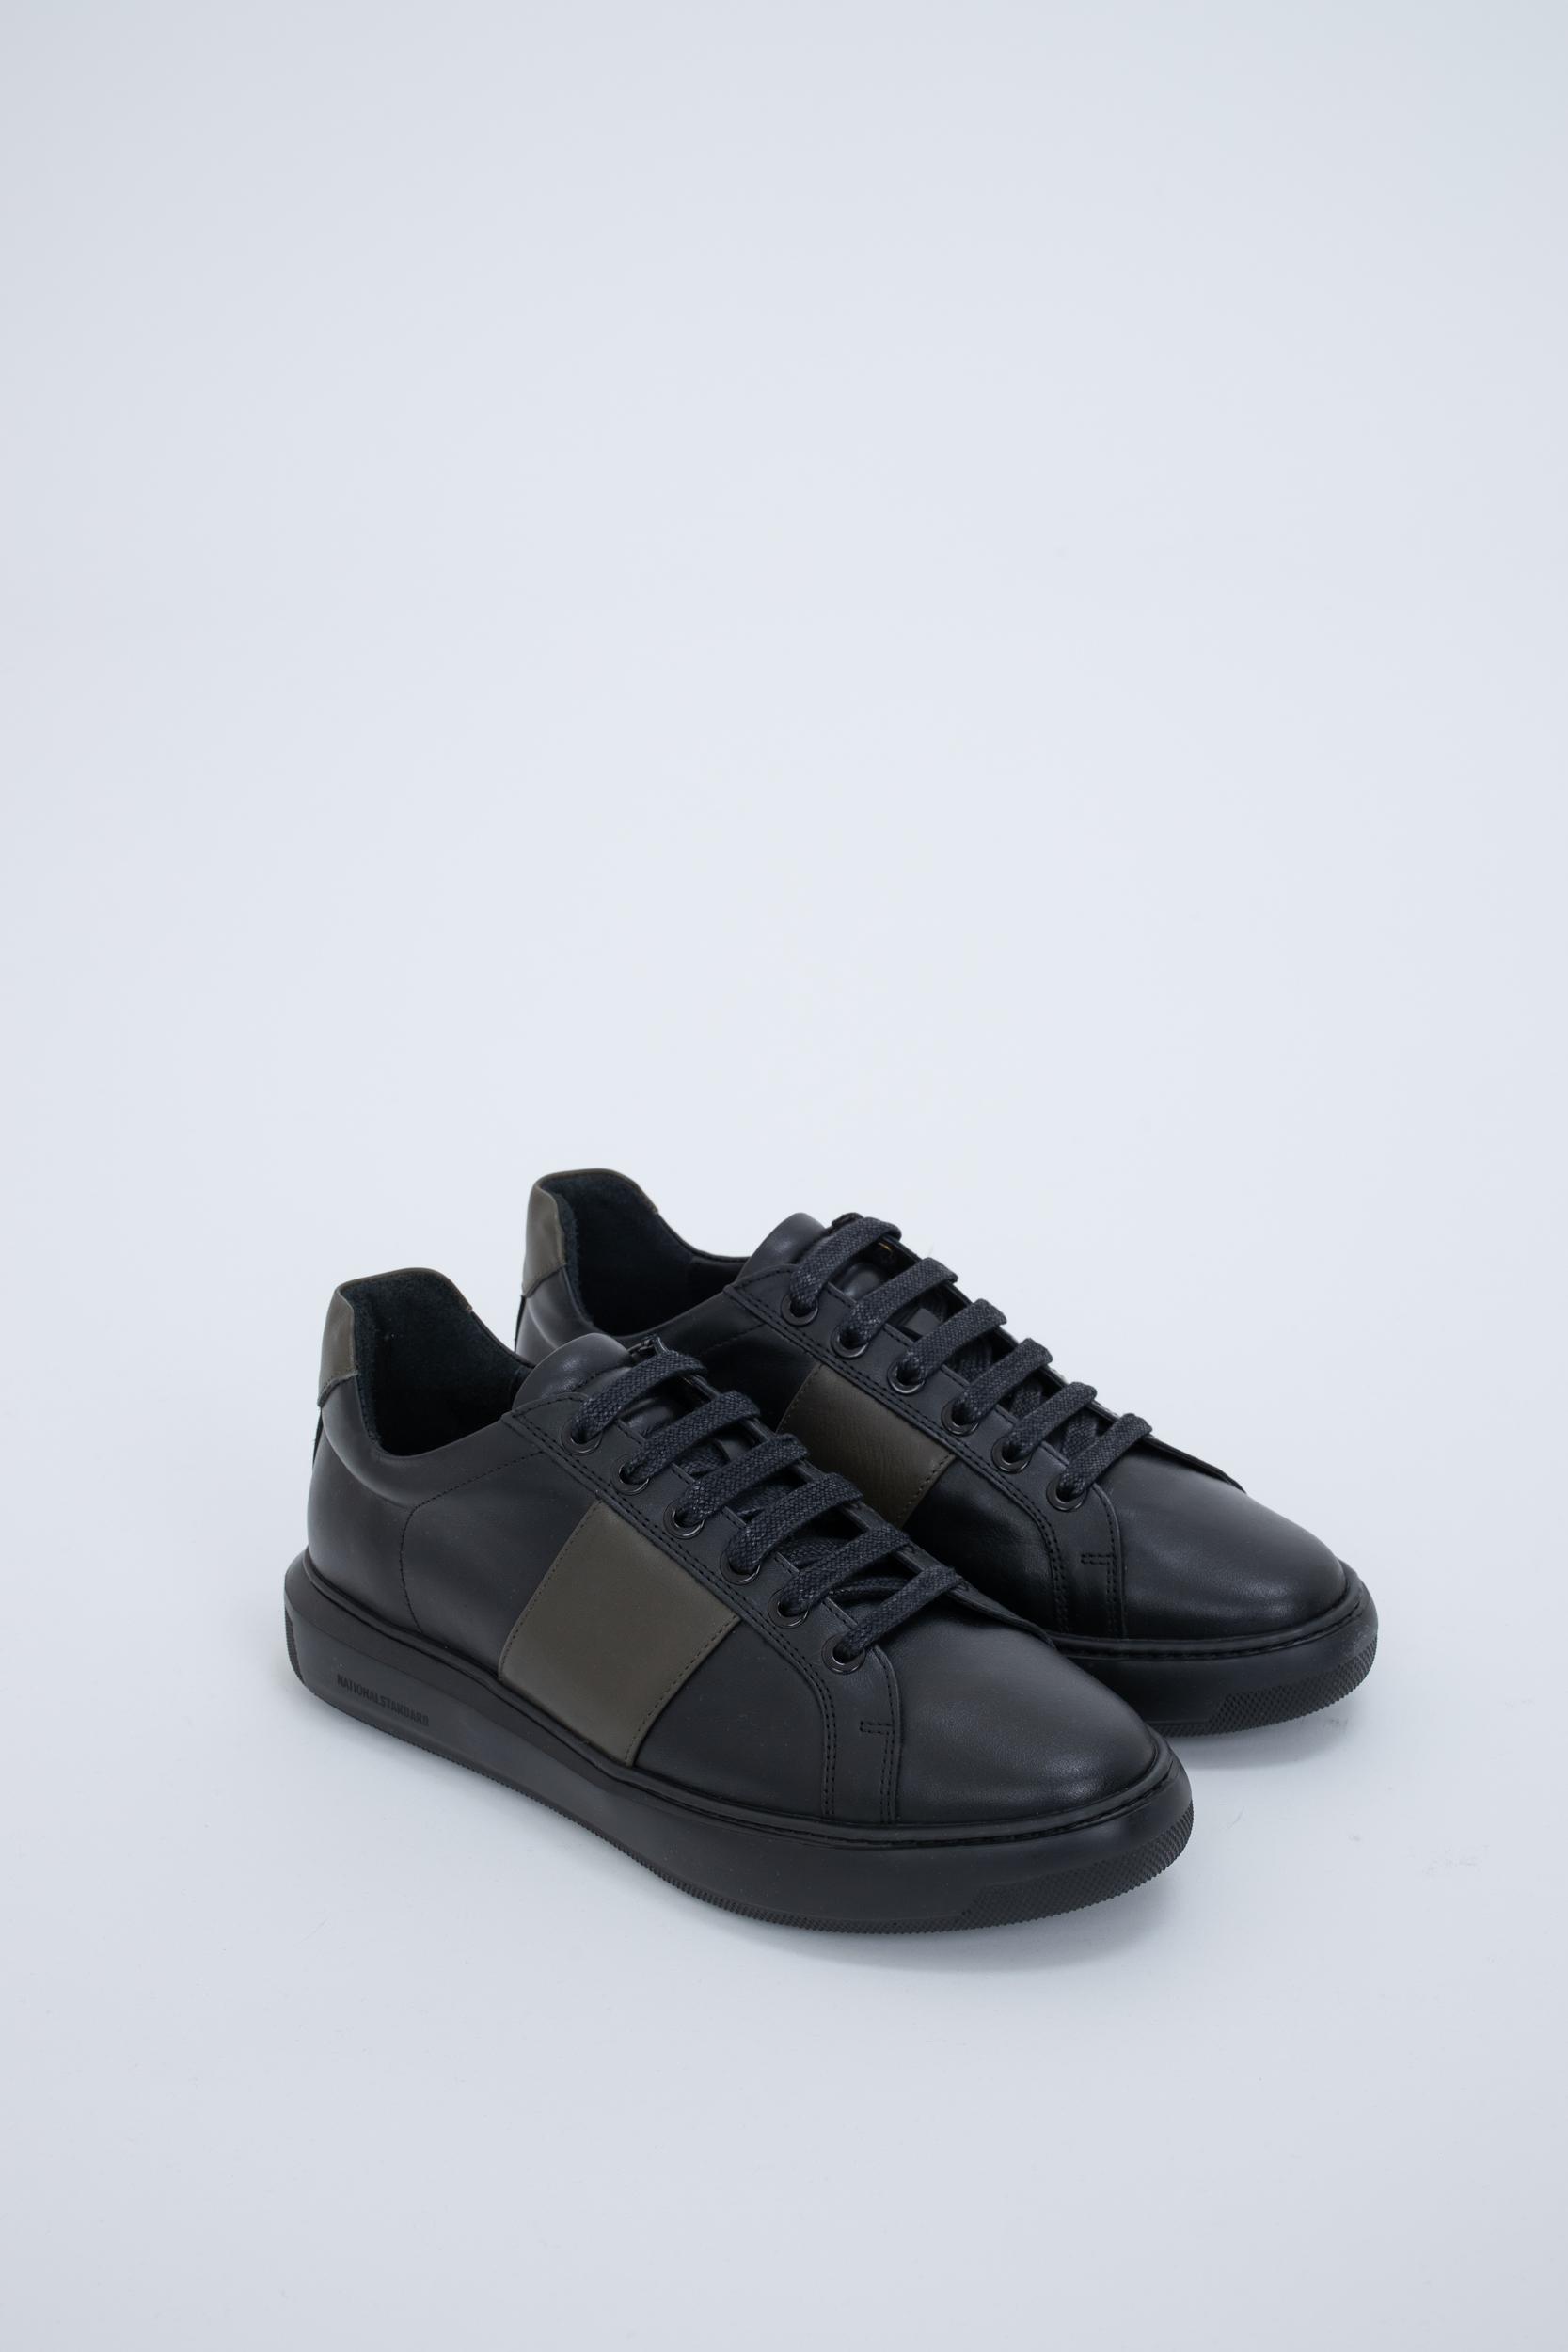 Sneaker Black Kaki